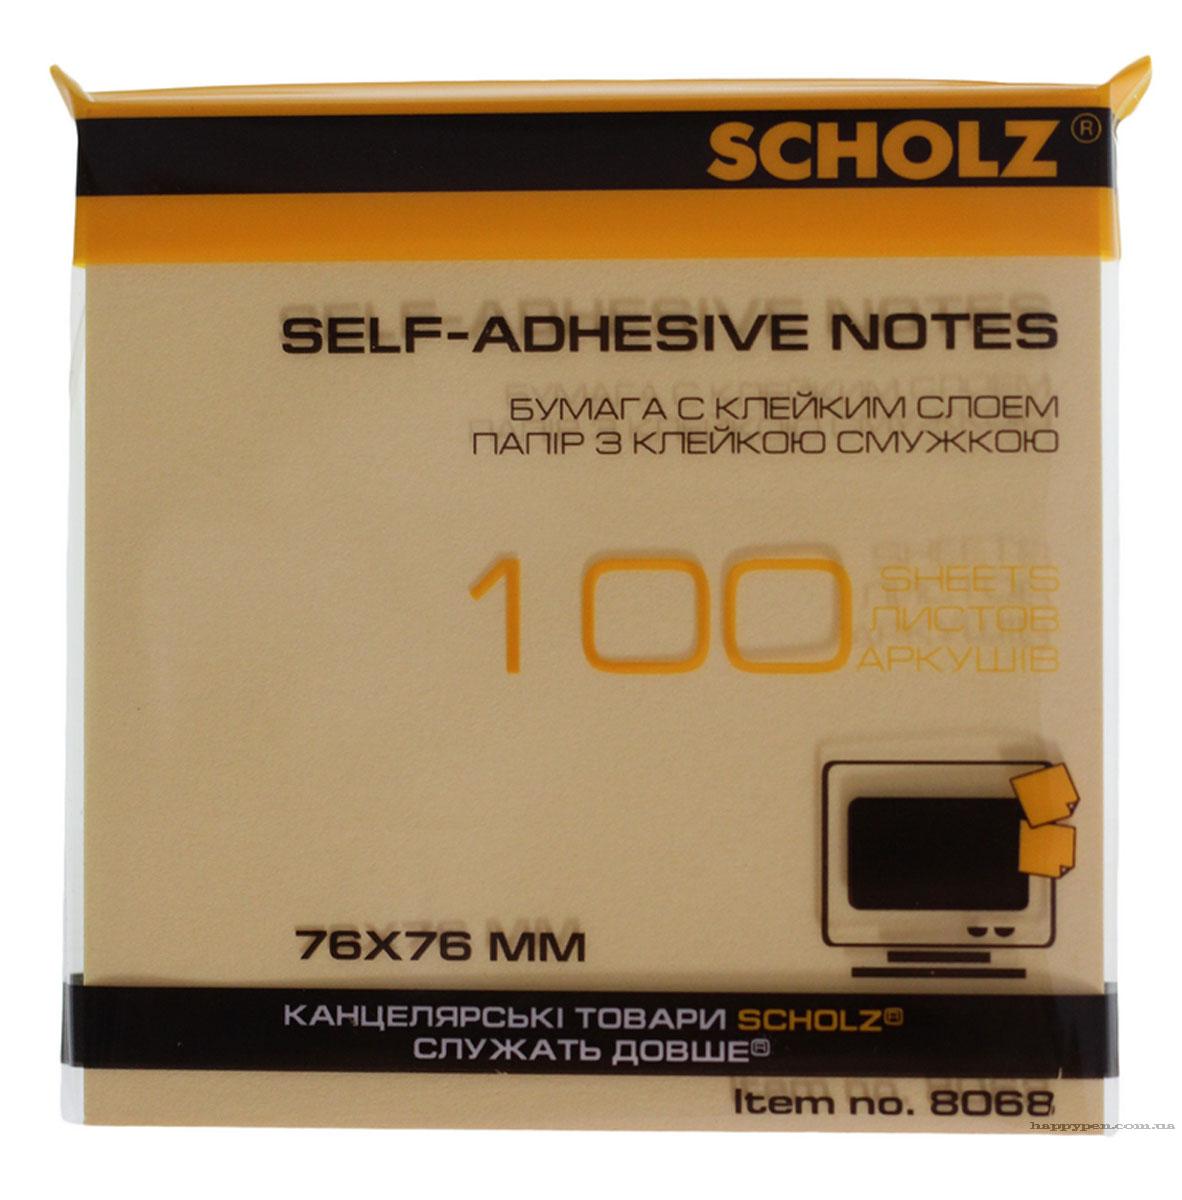 Блок бумаги с клейким слоем 76*76мм.*100 листов пастельный микс Scholz - фото 5